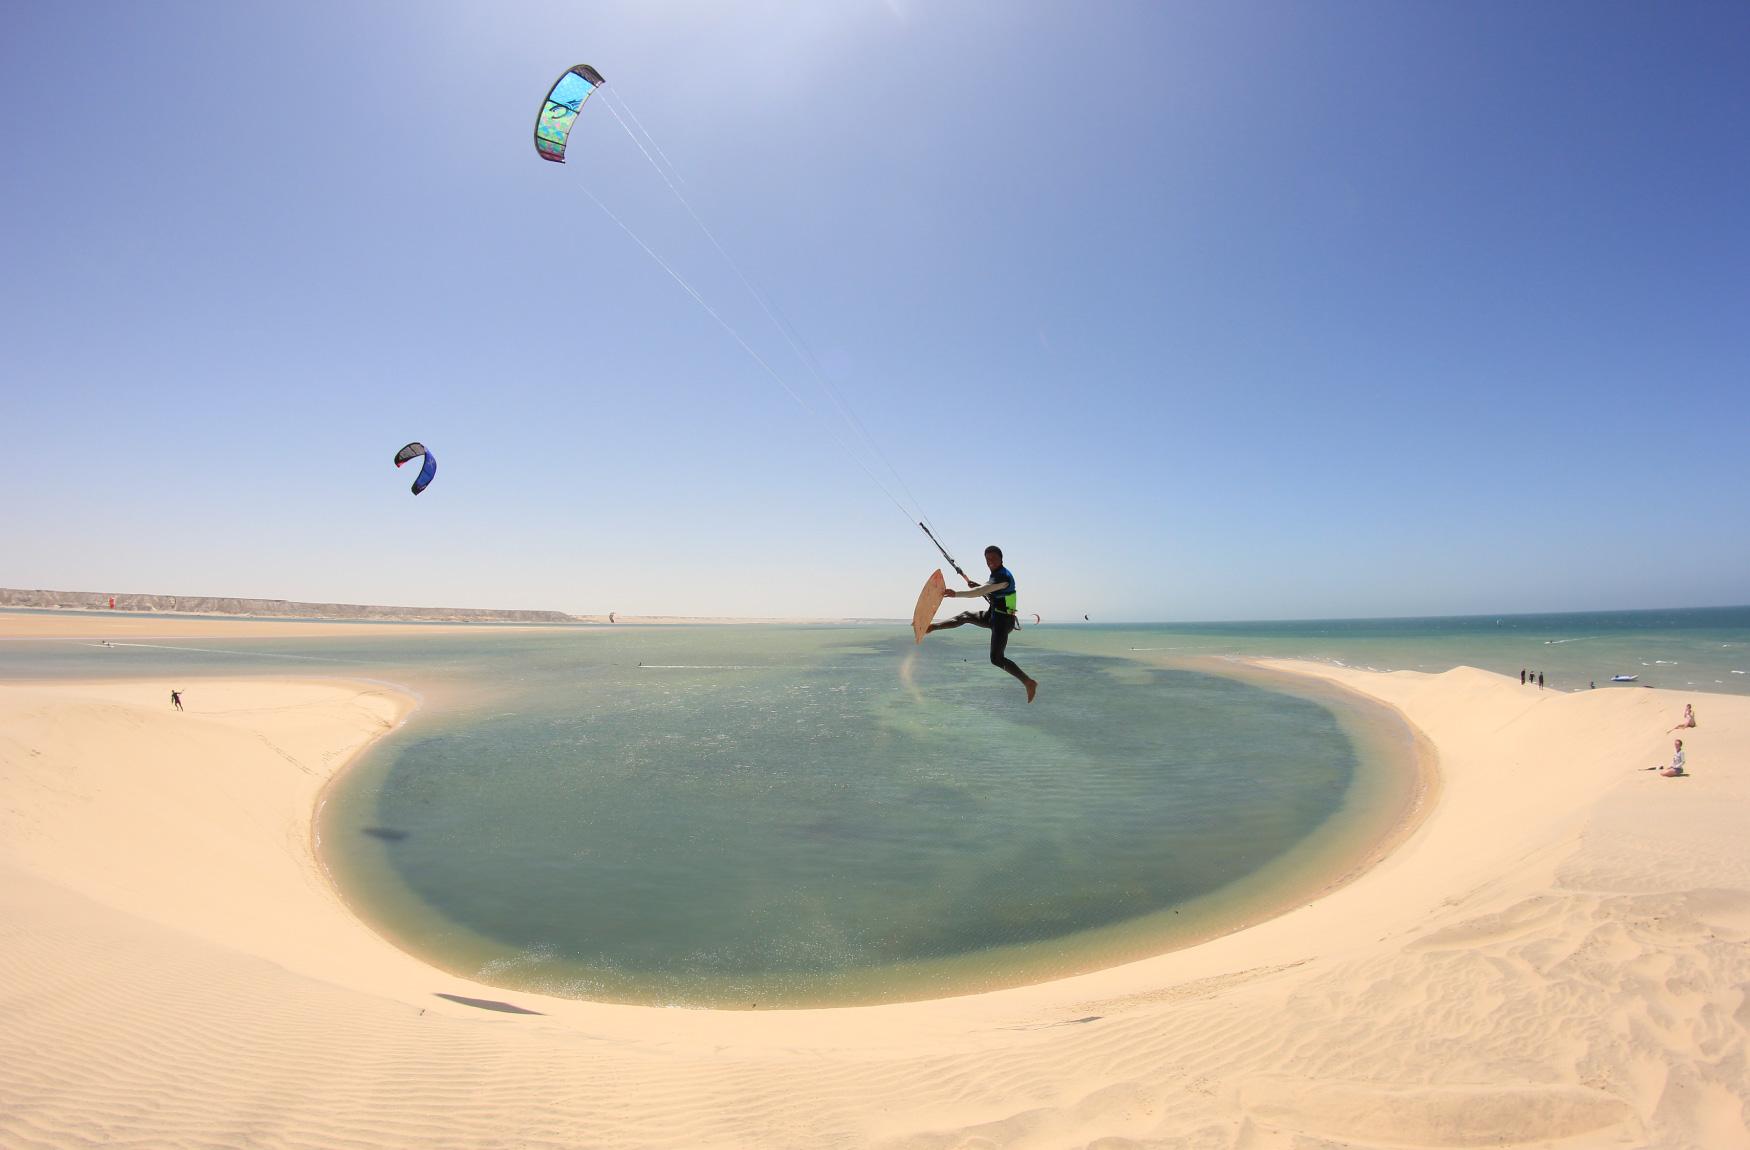 dakhla-lagoon-kitesurfing